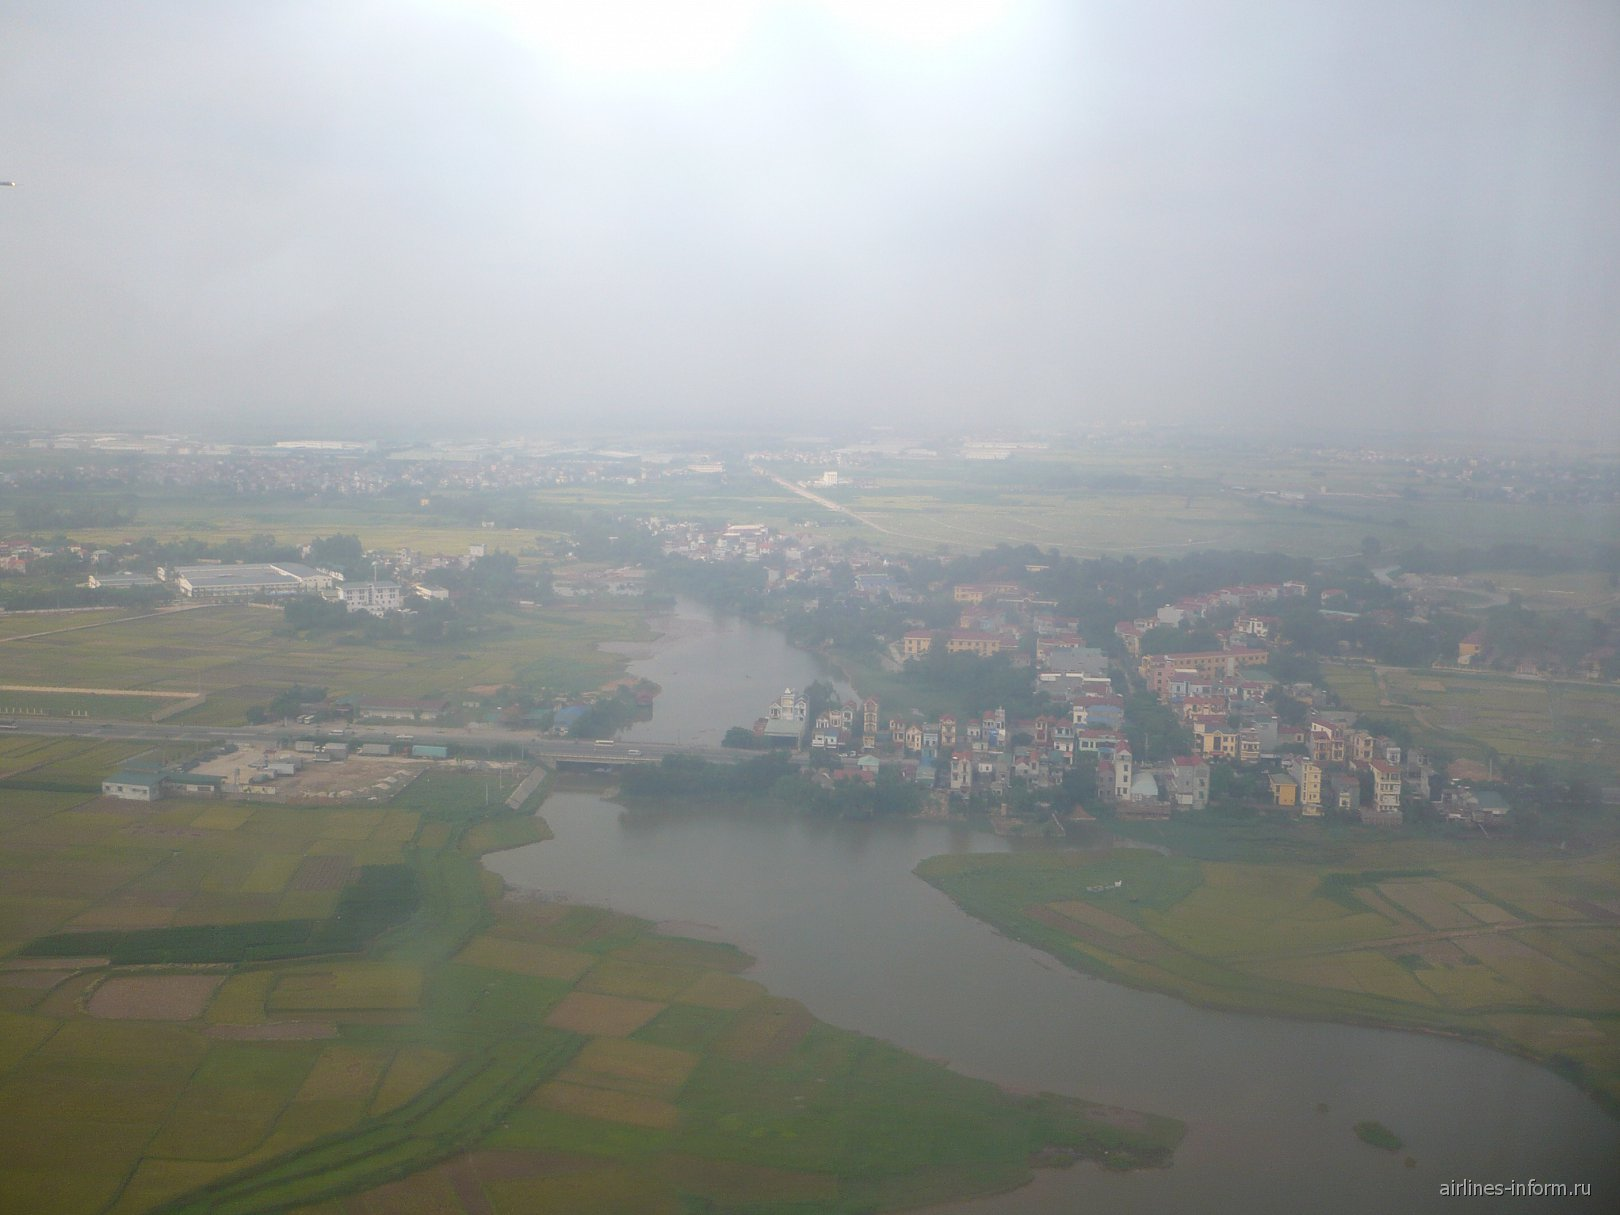 В полете над Вьетнамом